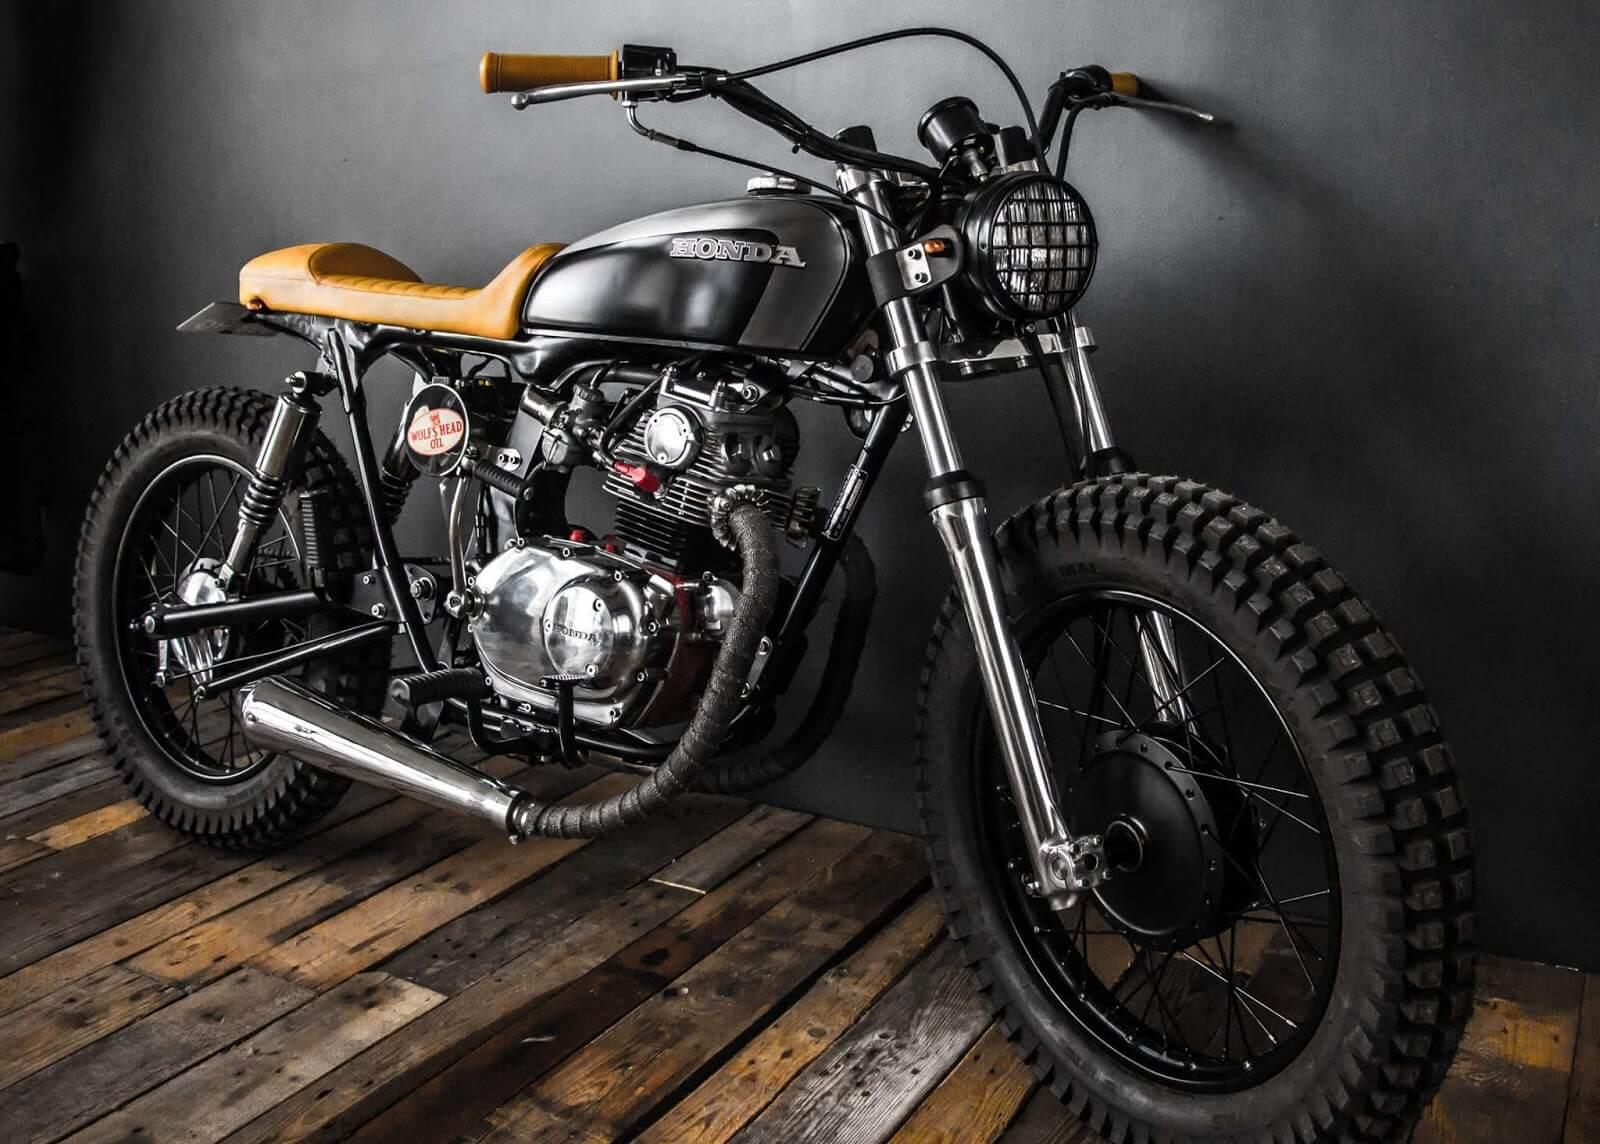 honda cb125 tracker by edturner motorcycles bikebound. Black Bedroom Furniture Sets. Home Design Ideas